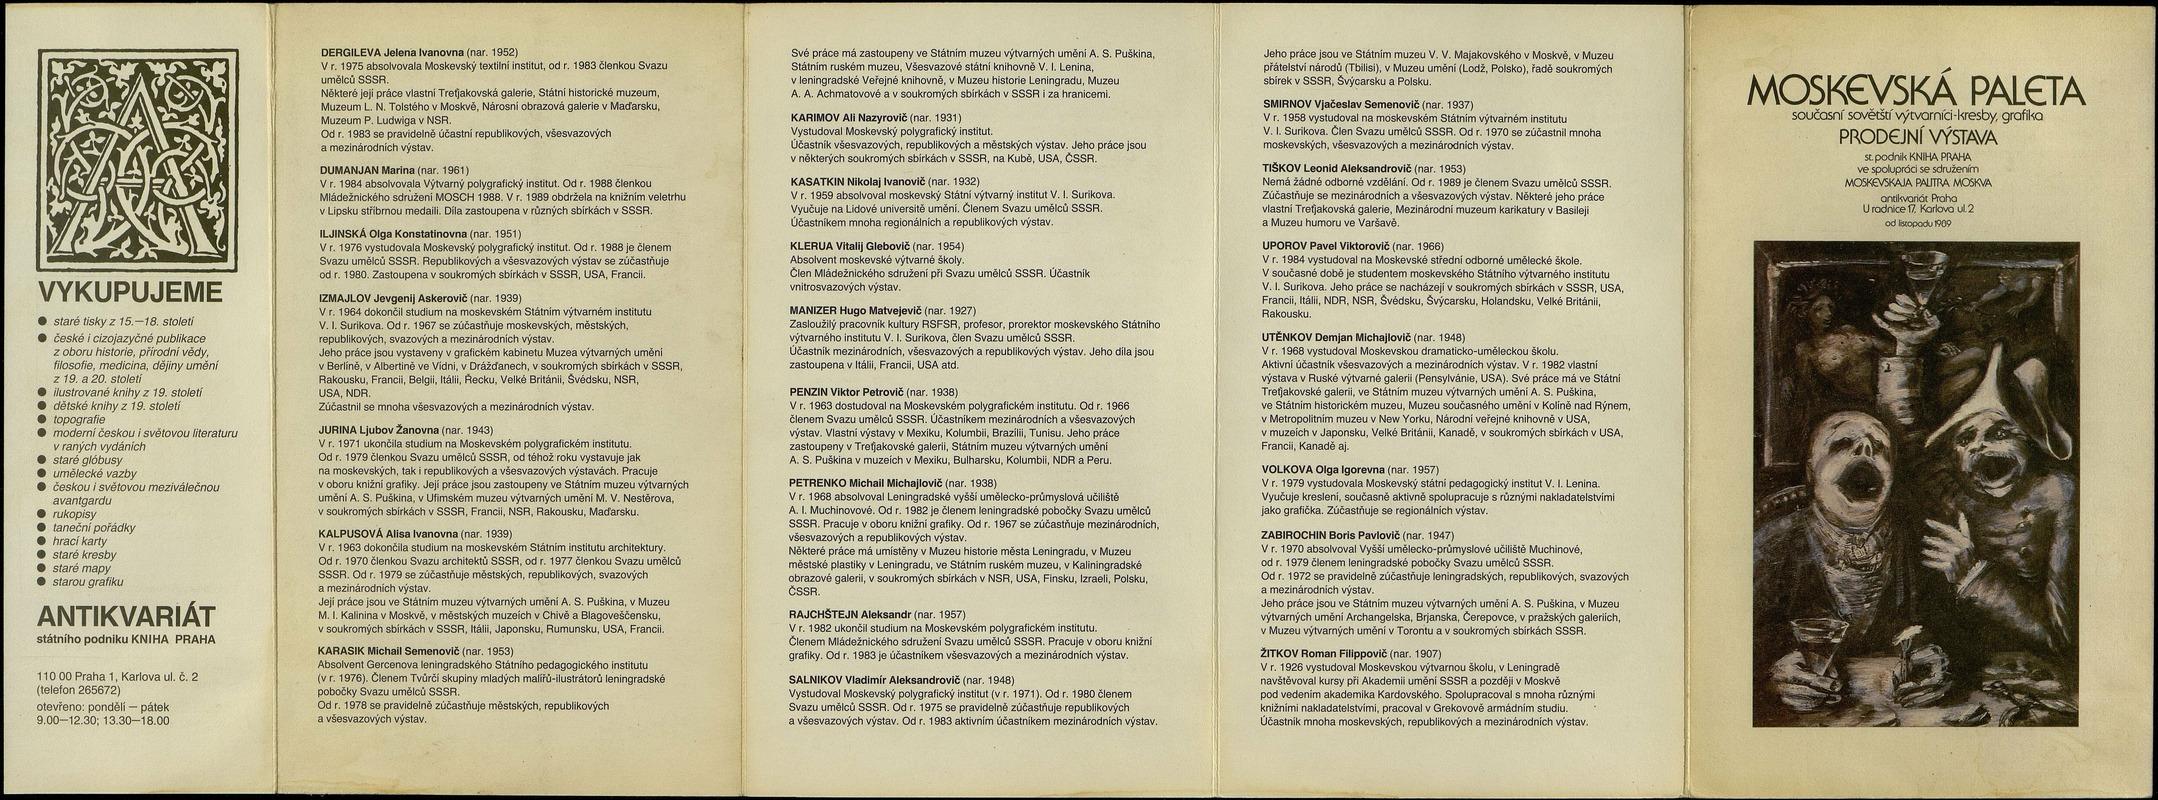 Moskevská Paleta. Současni sovětští výtvarníci- kresby. grafika. Prodejni výstava